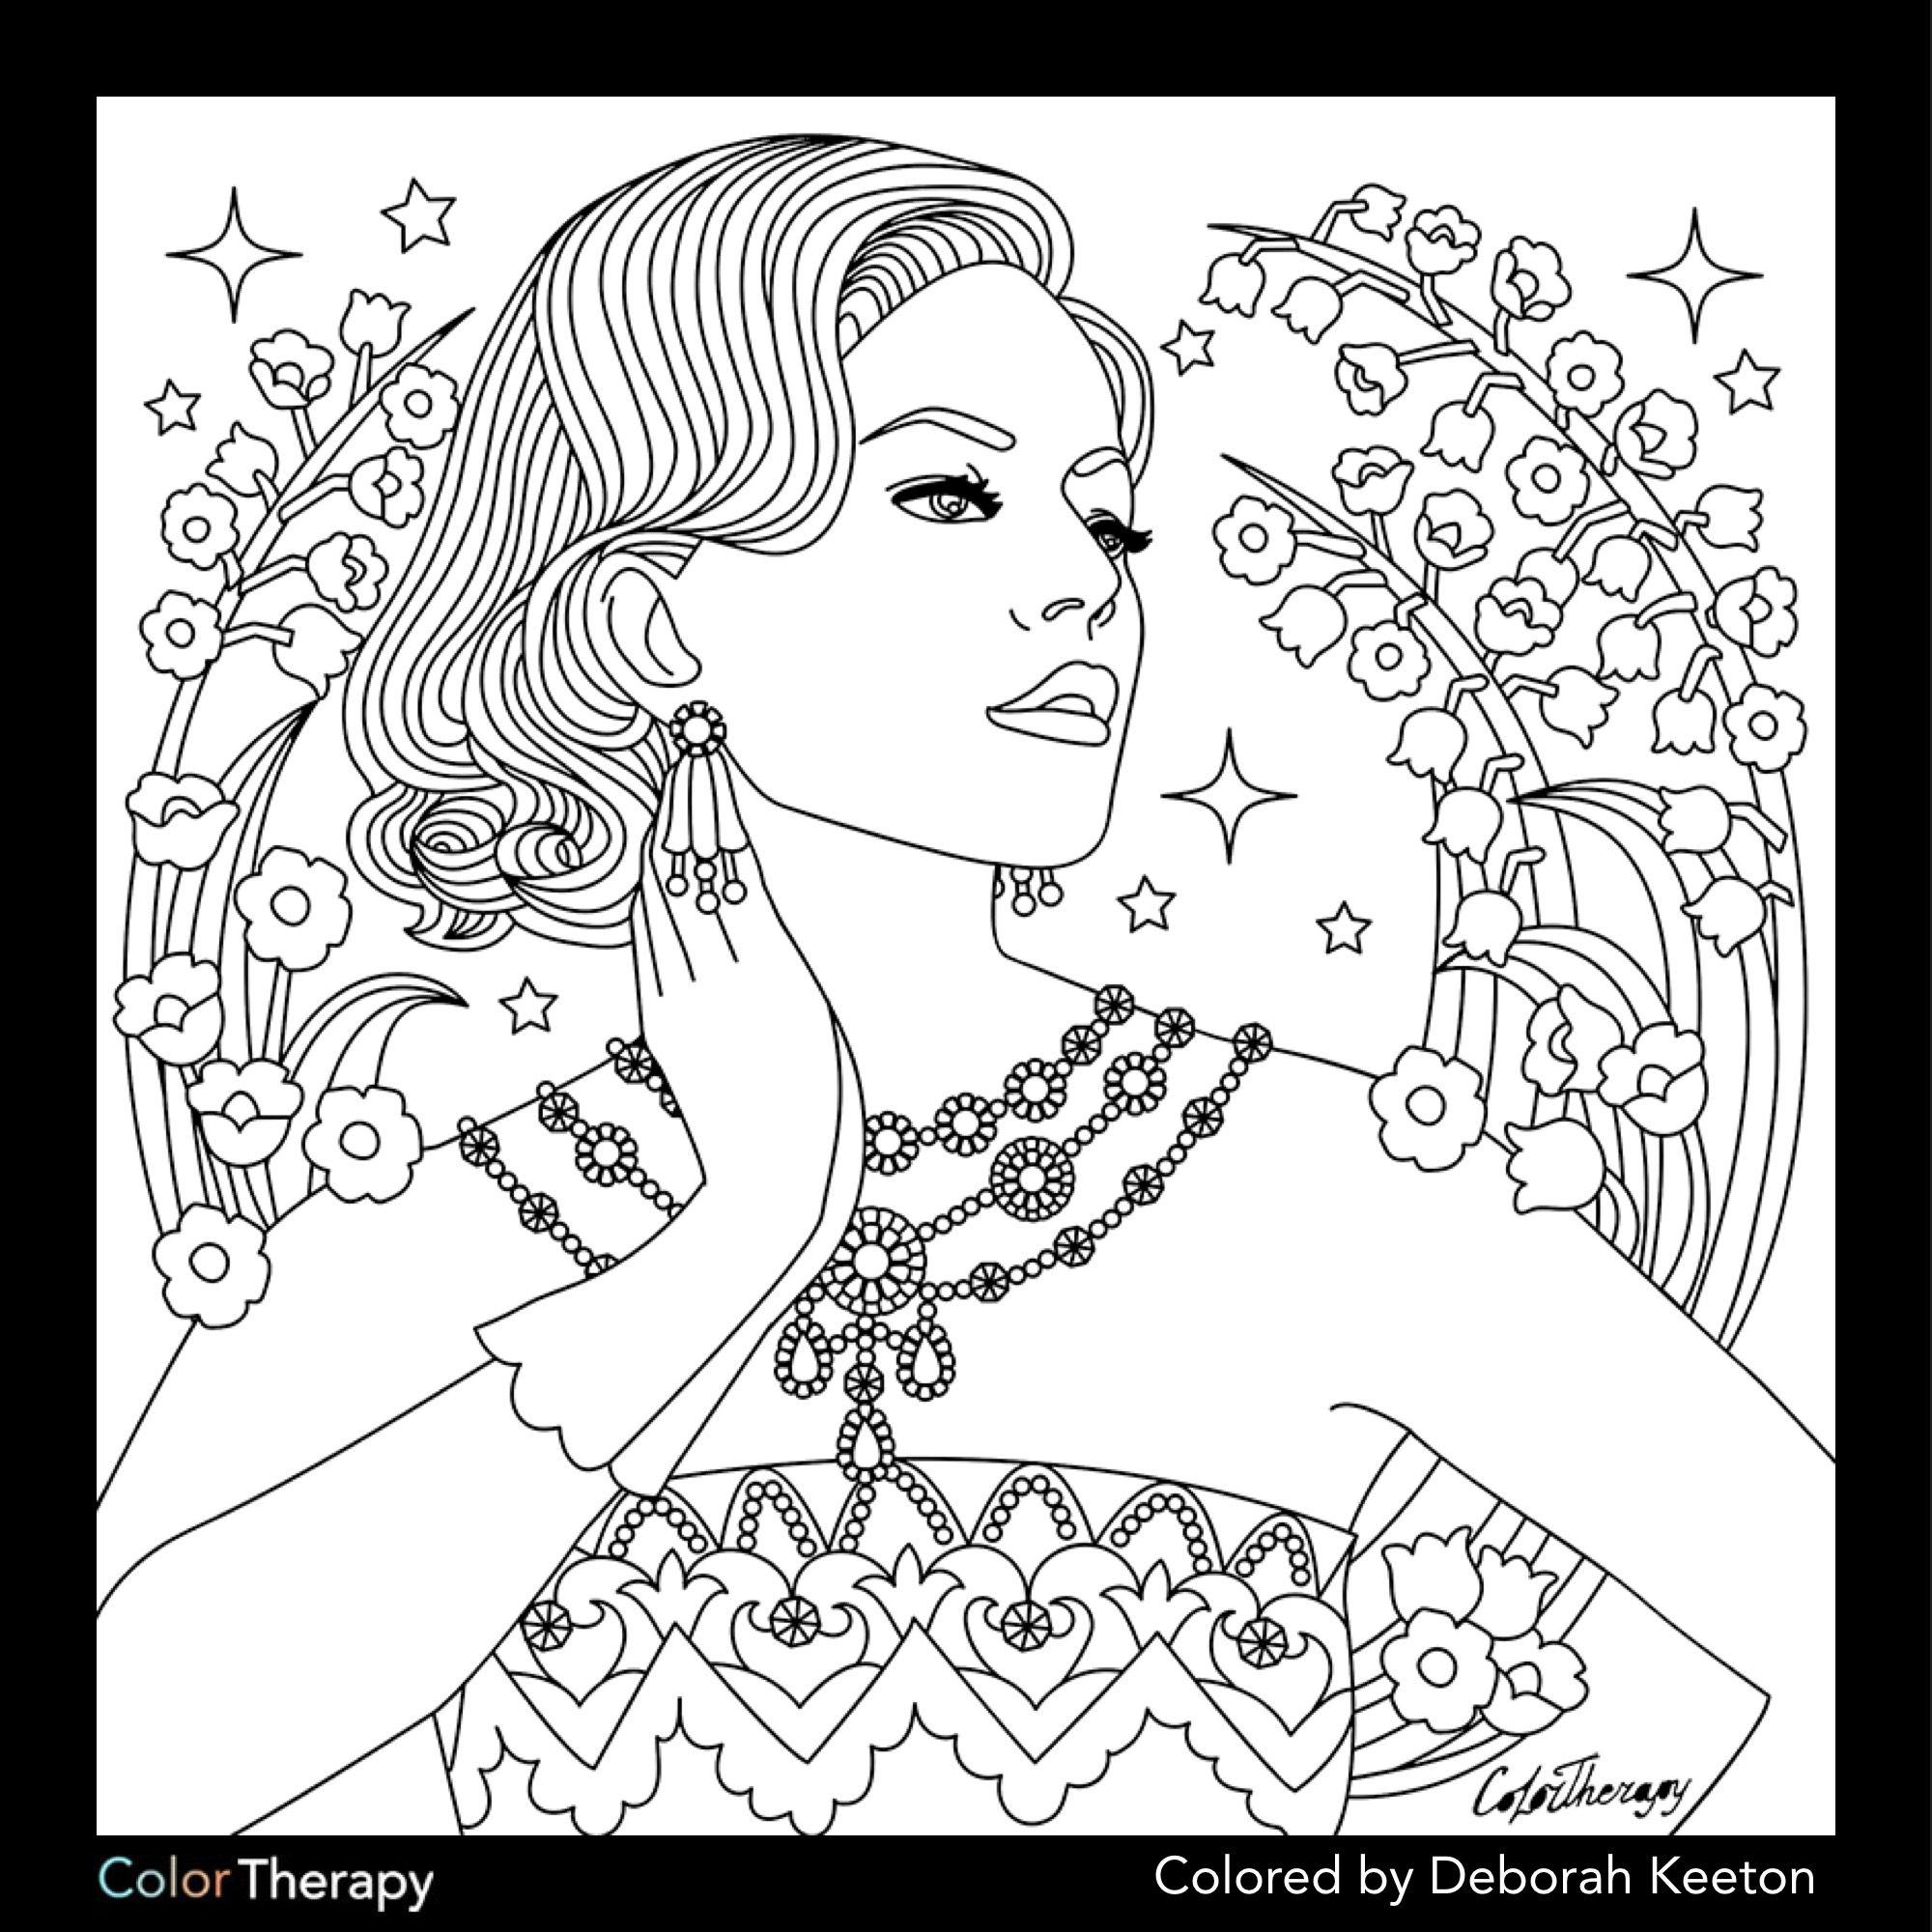 Pin von Deborah Keeton auf Coloring pages | Pinterest | Maltechniken ...